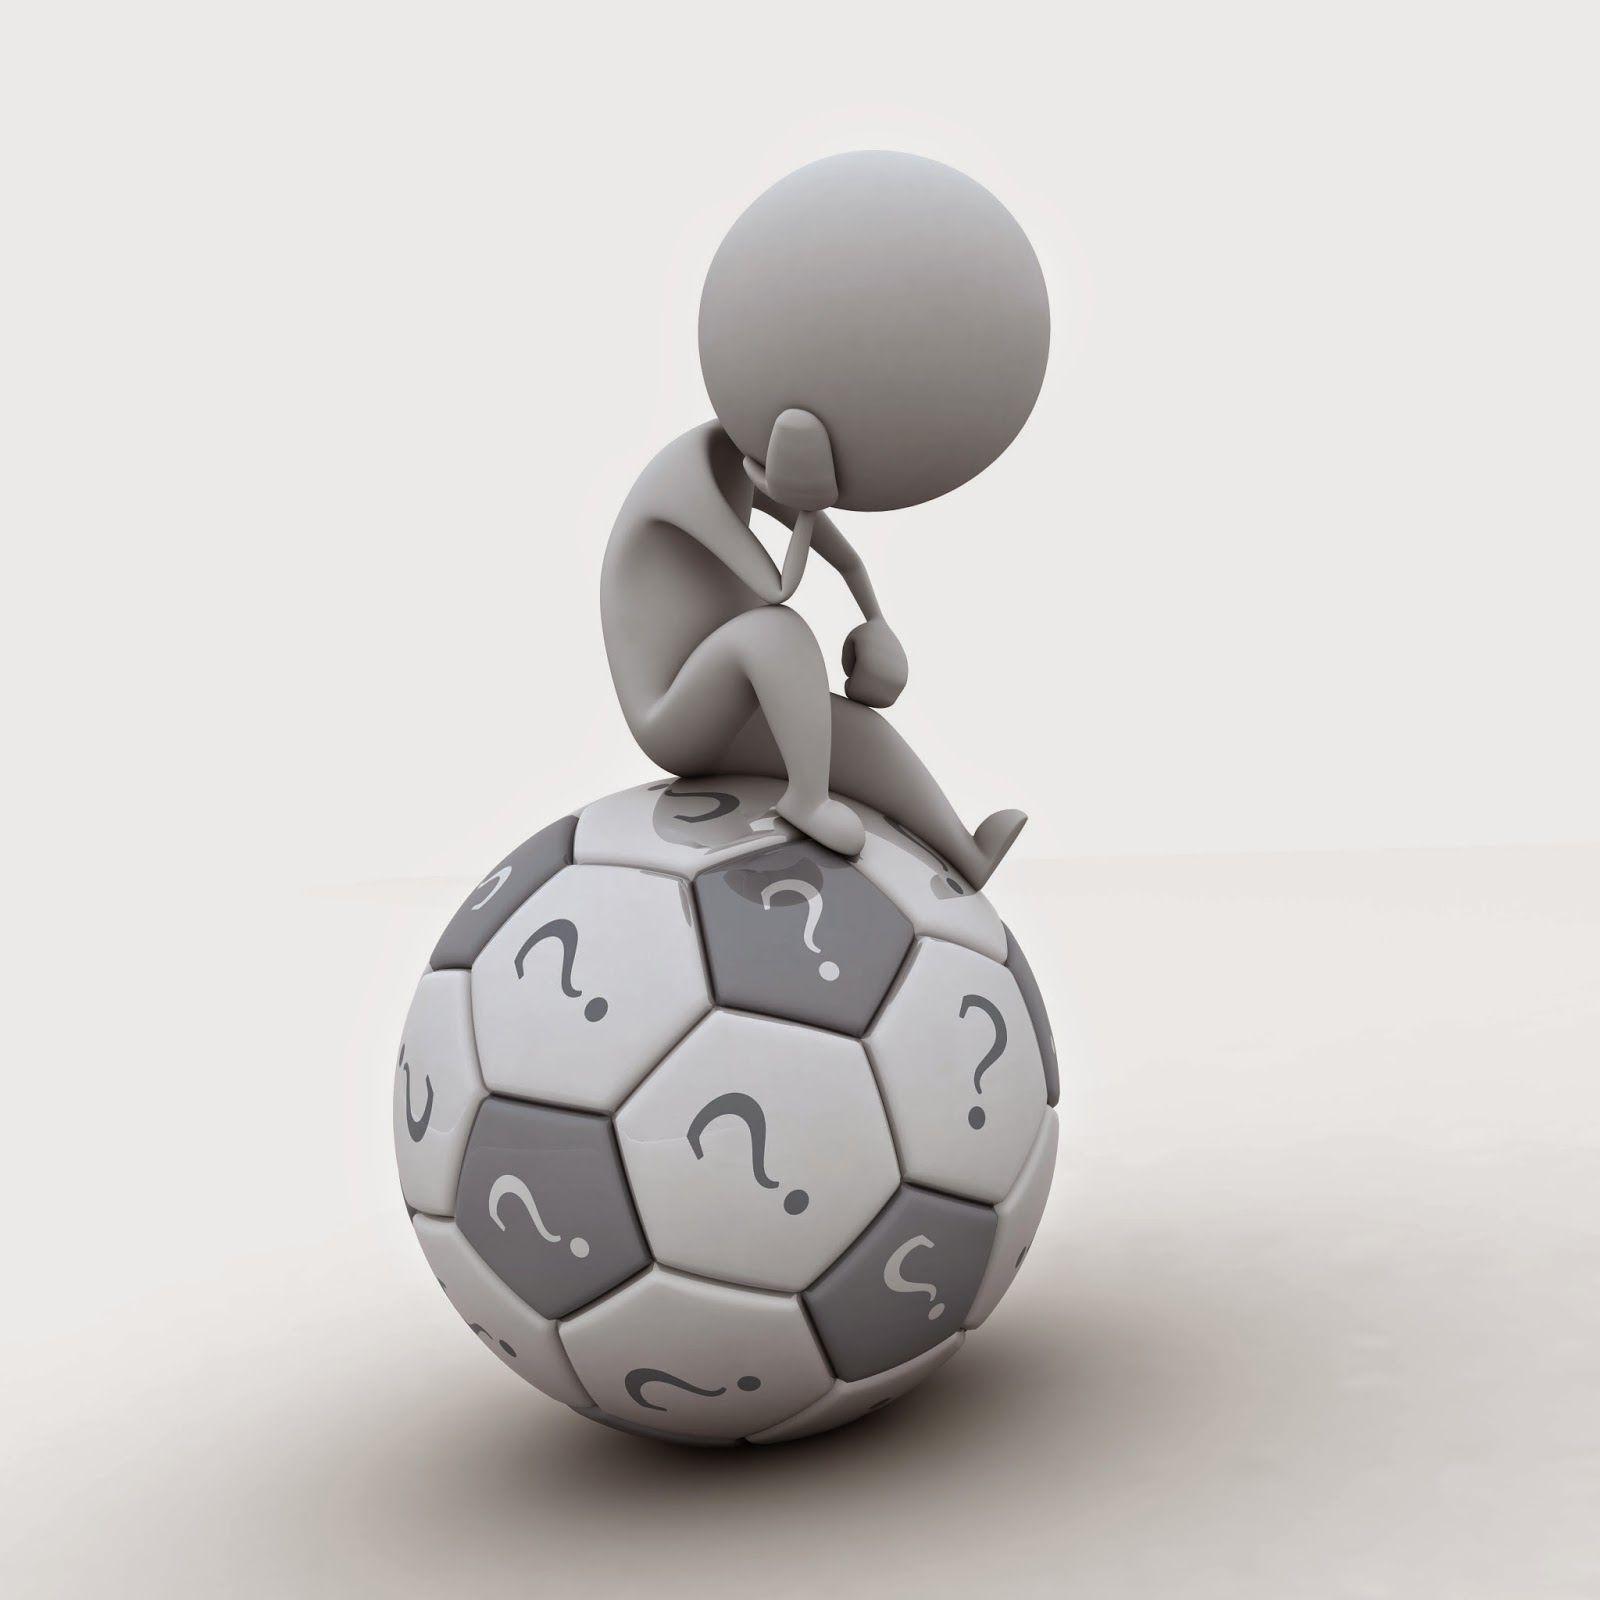 ставки soccer спорт на